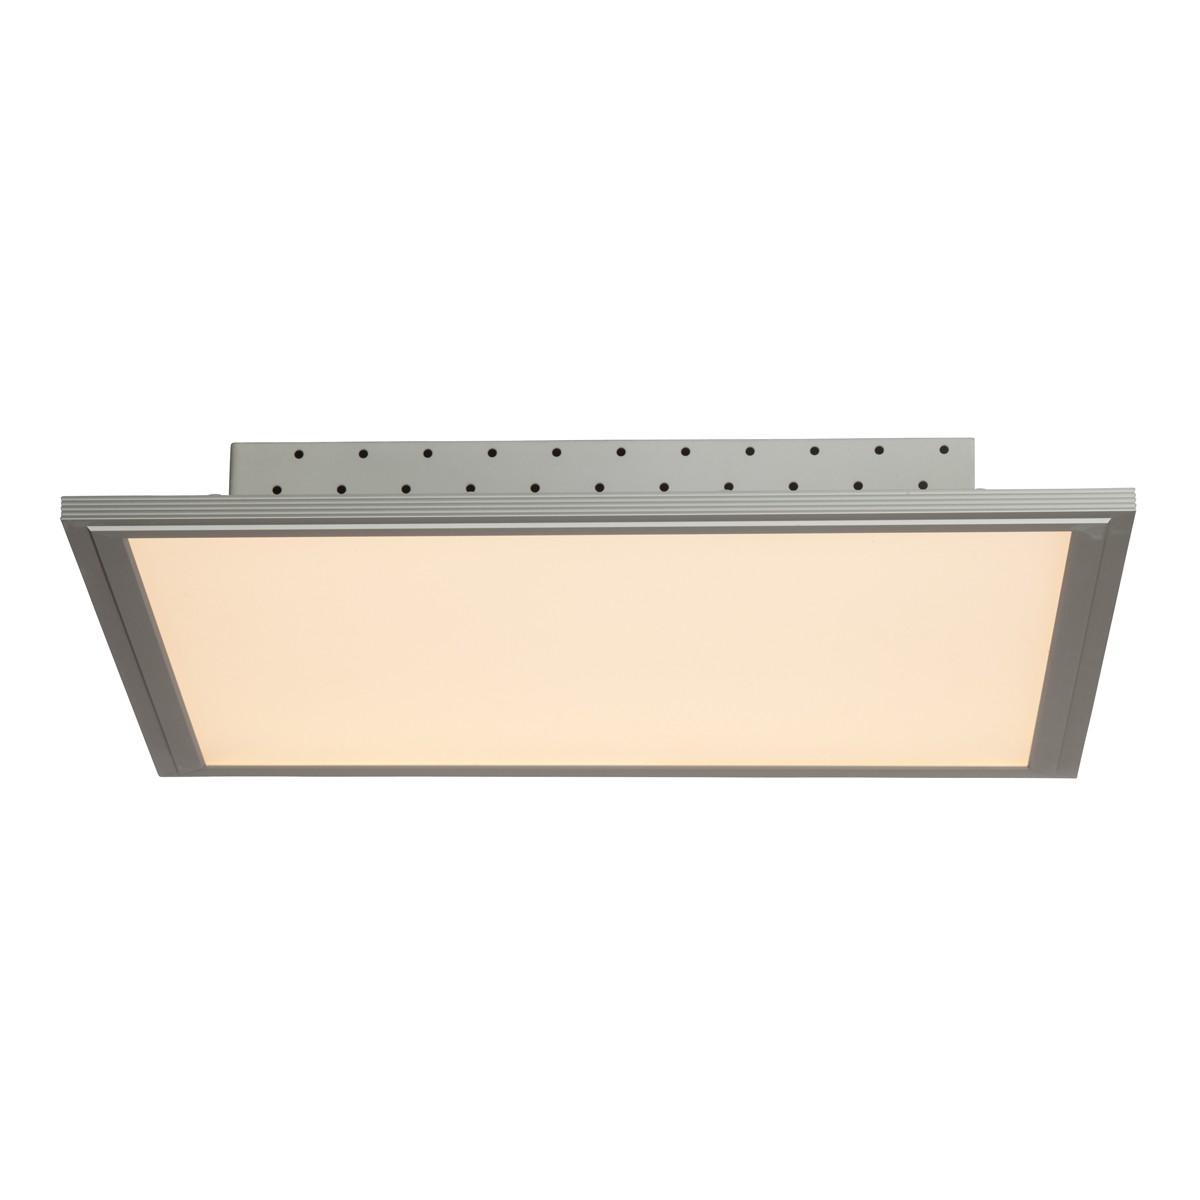 Brilliant Flat Deckenleuchte, quadratisch, 42 x 42 cm, Aluminium